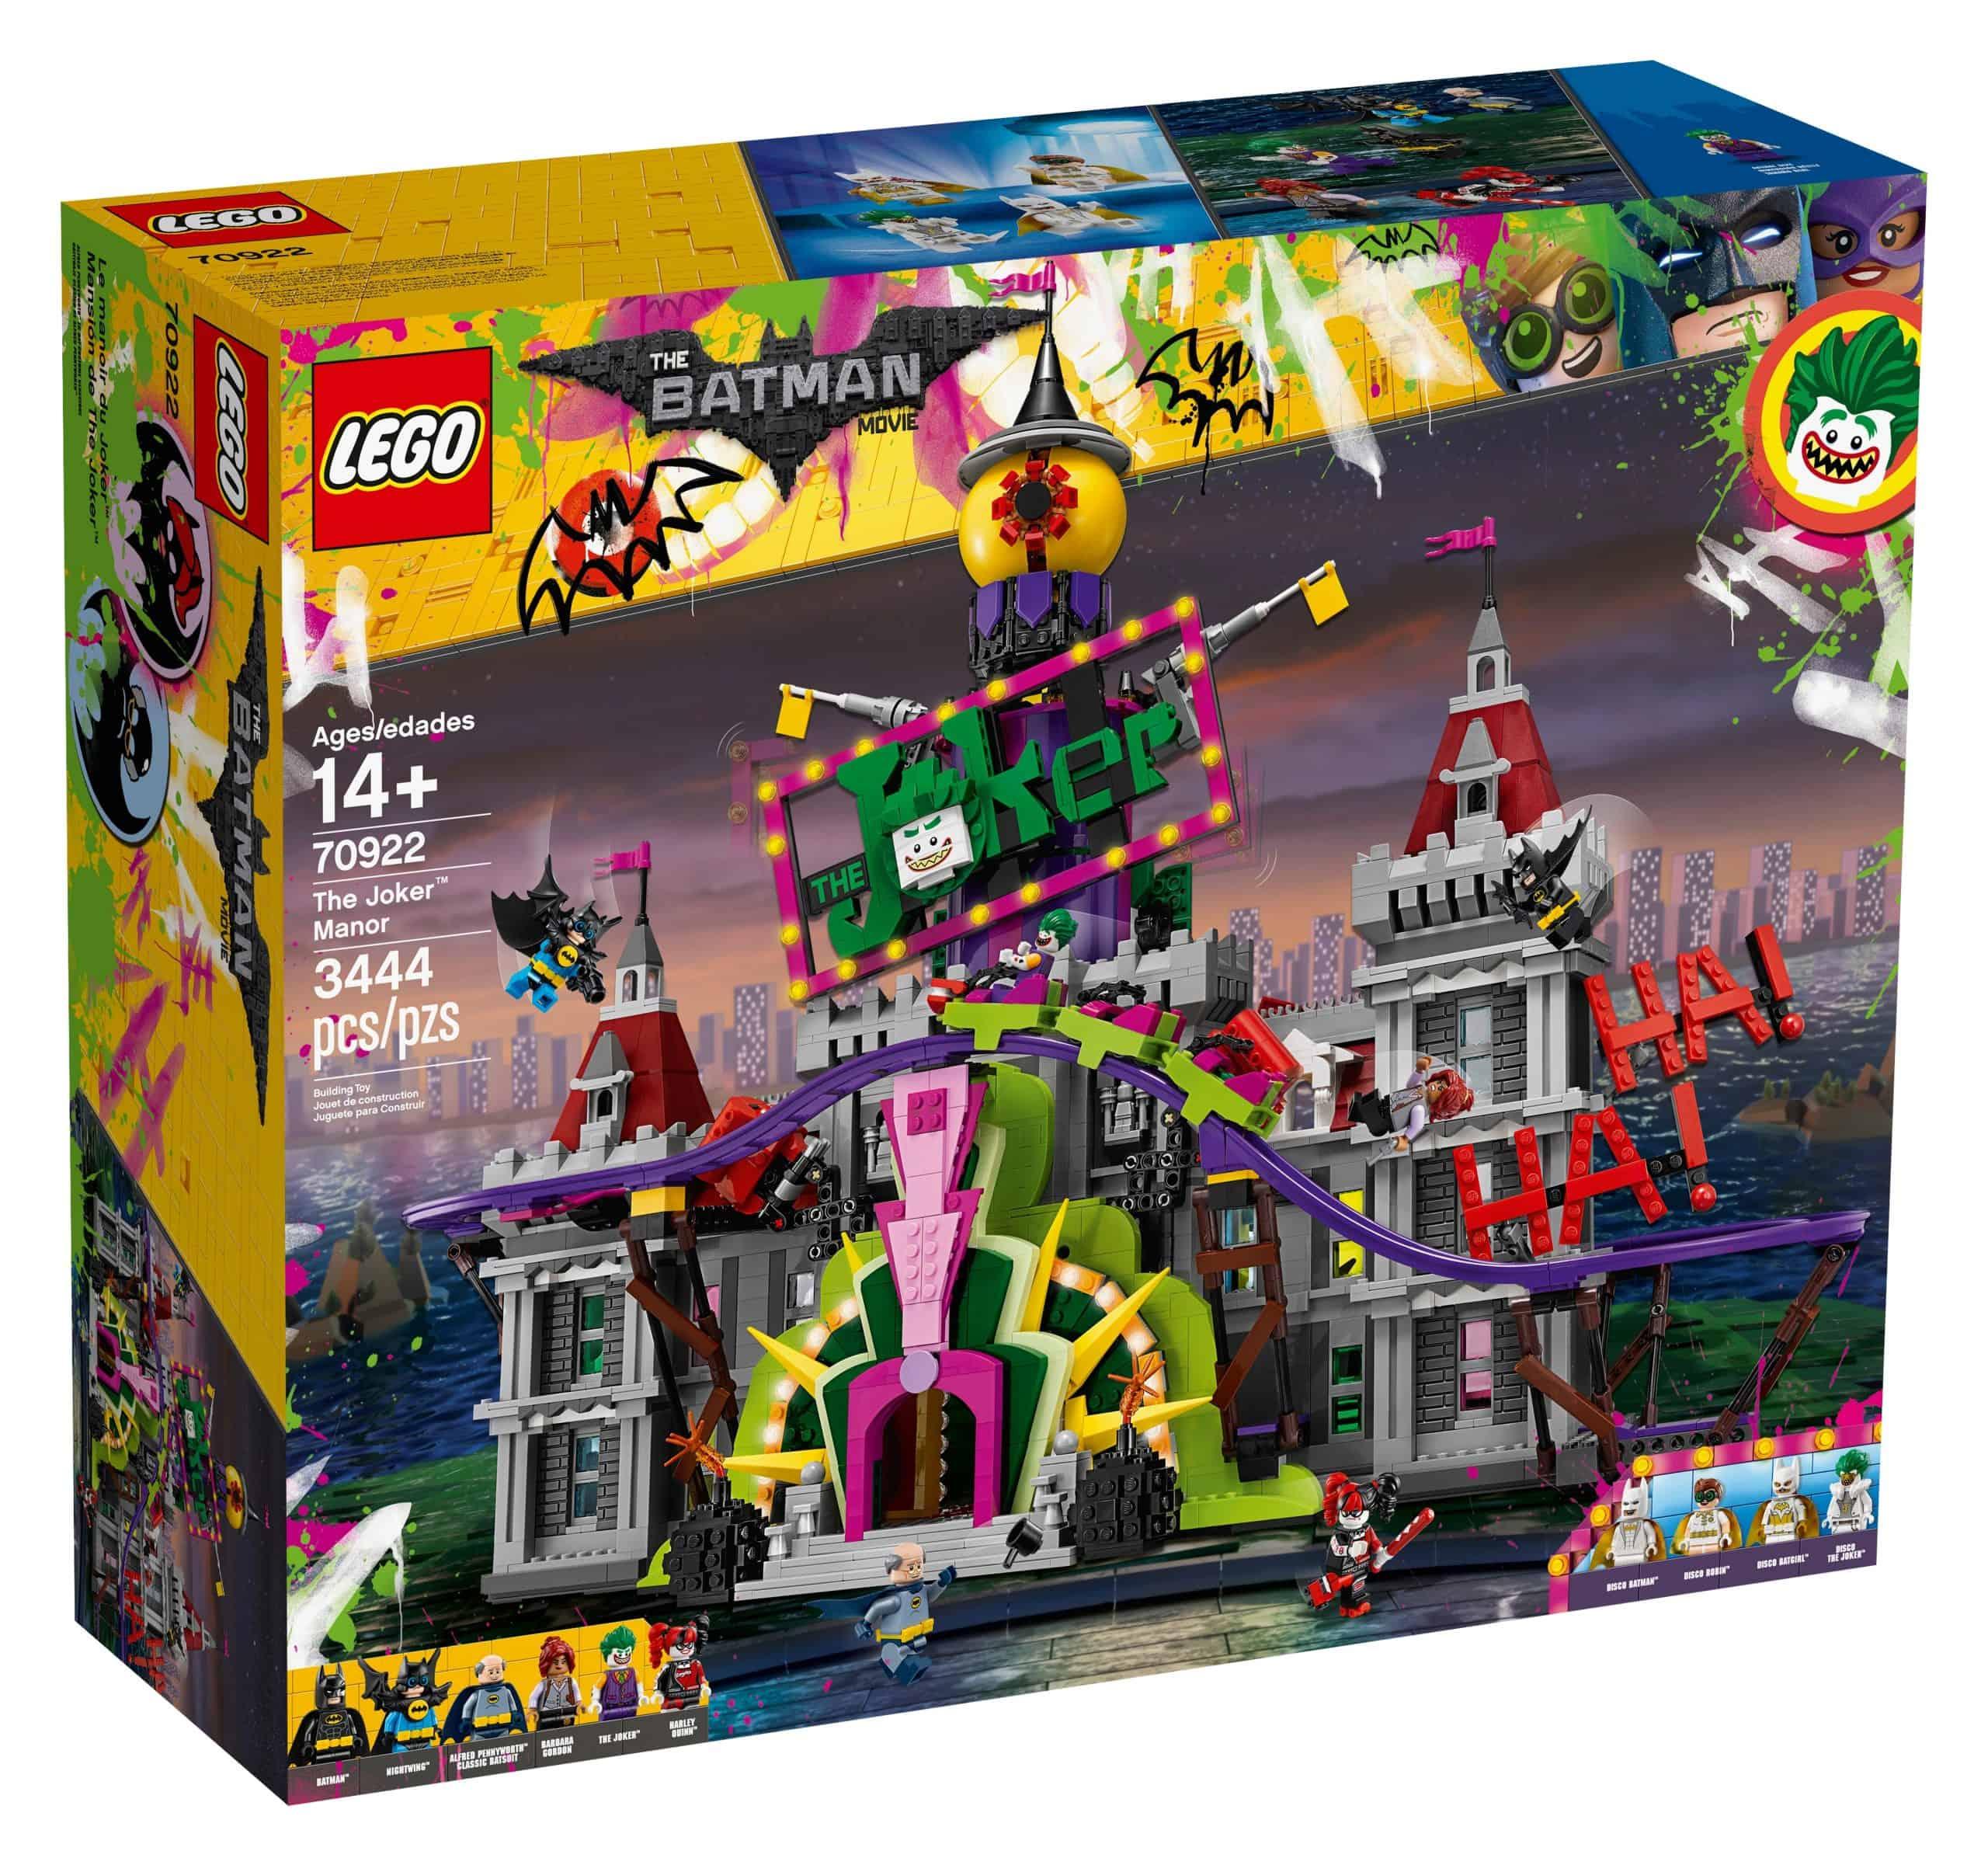 lego 70922 the joker manor scaled